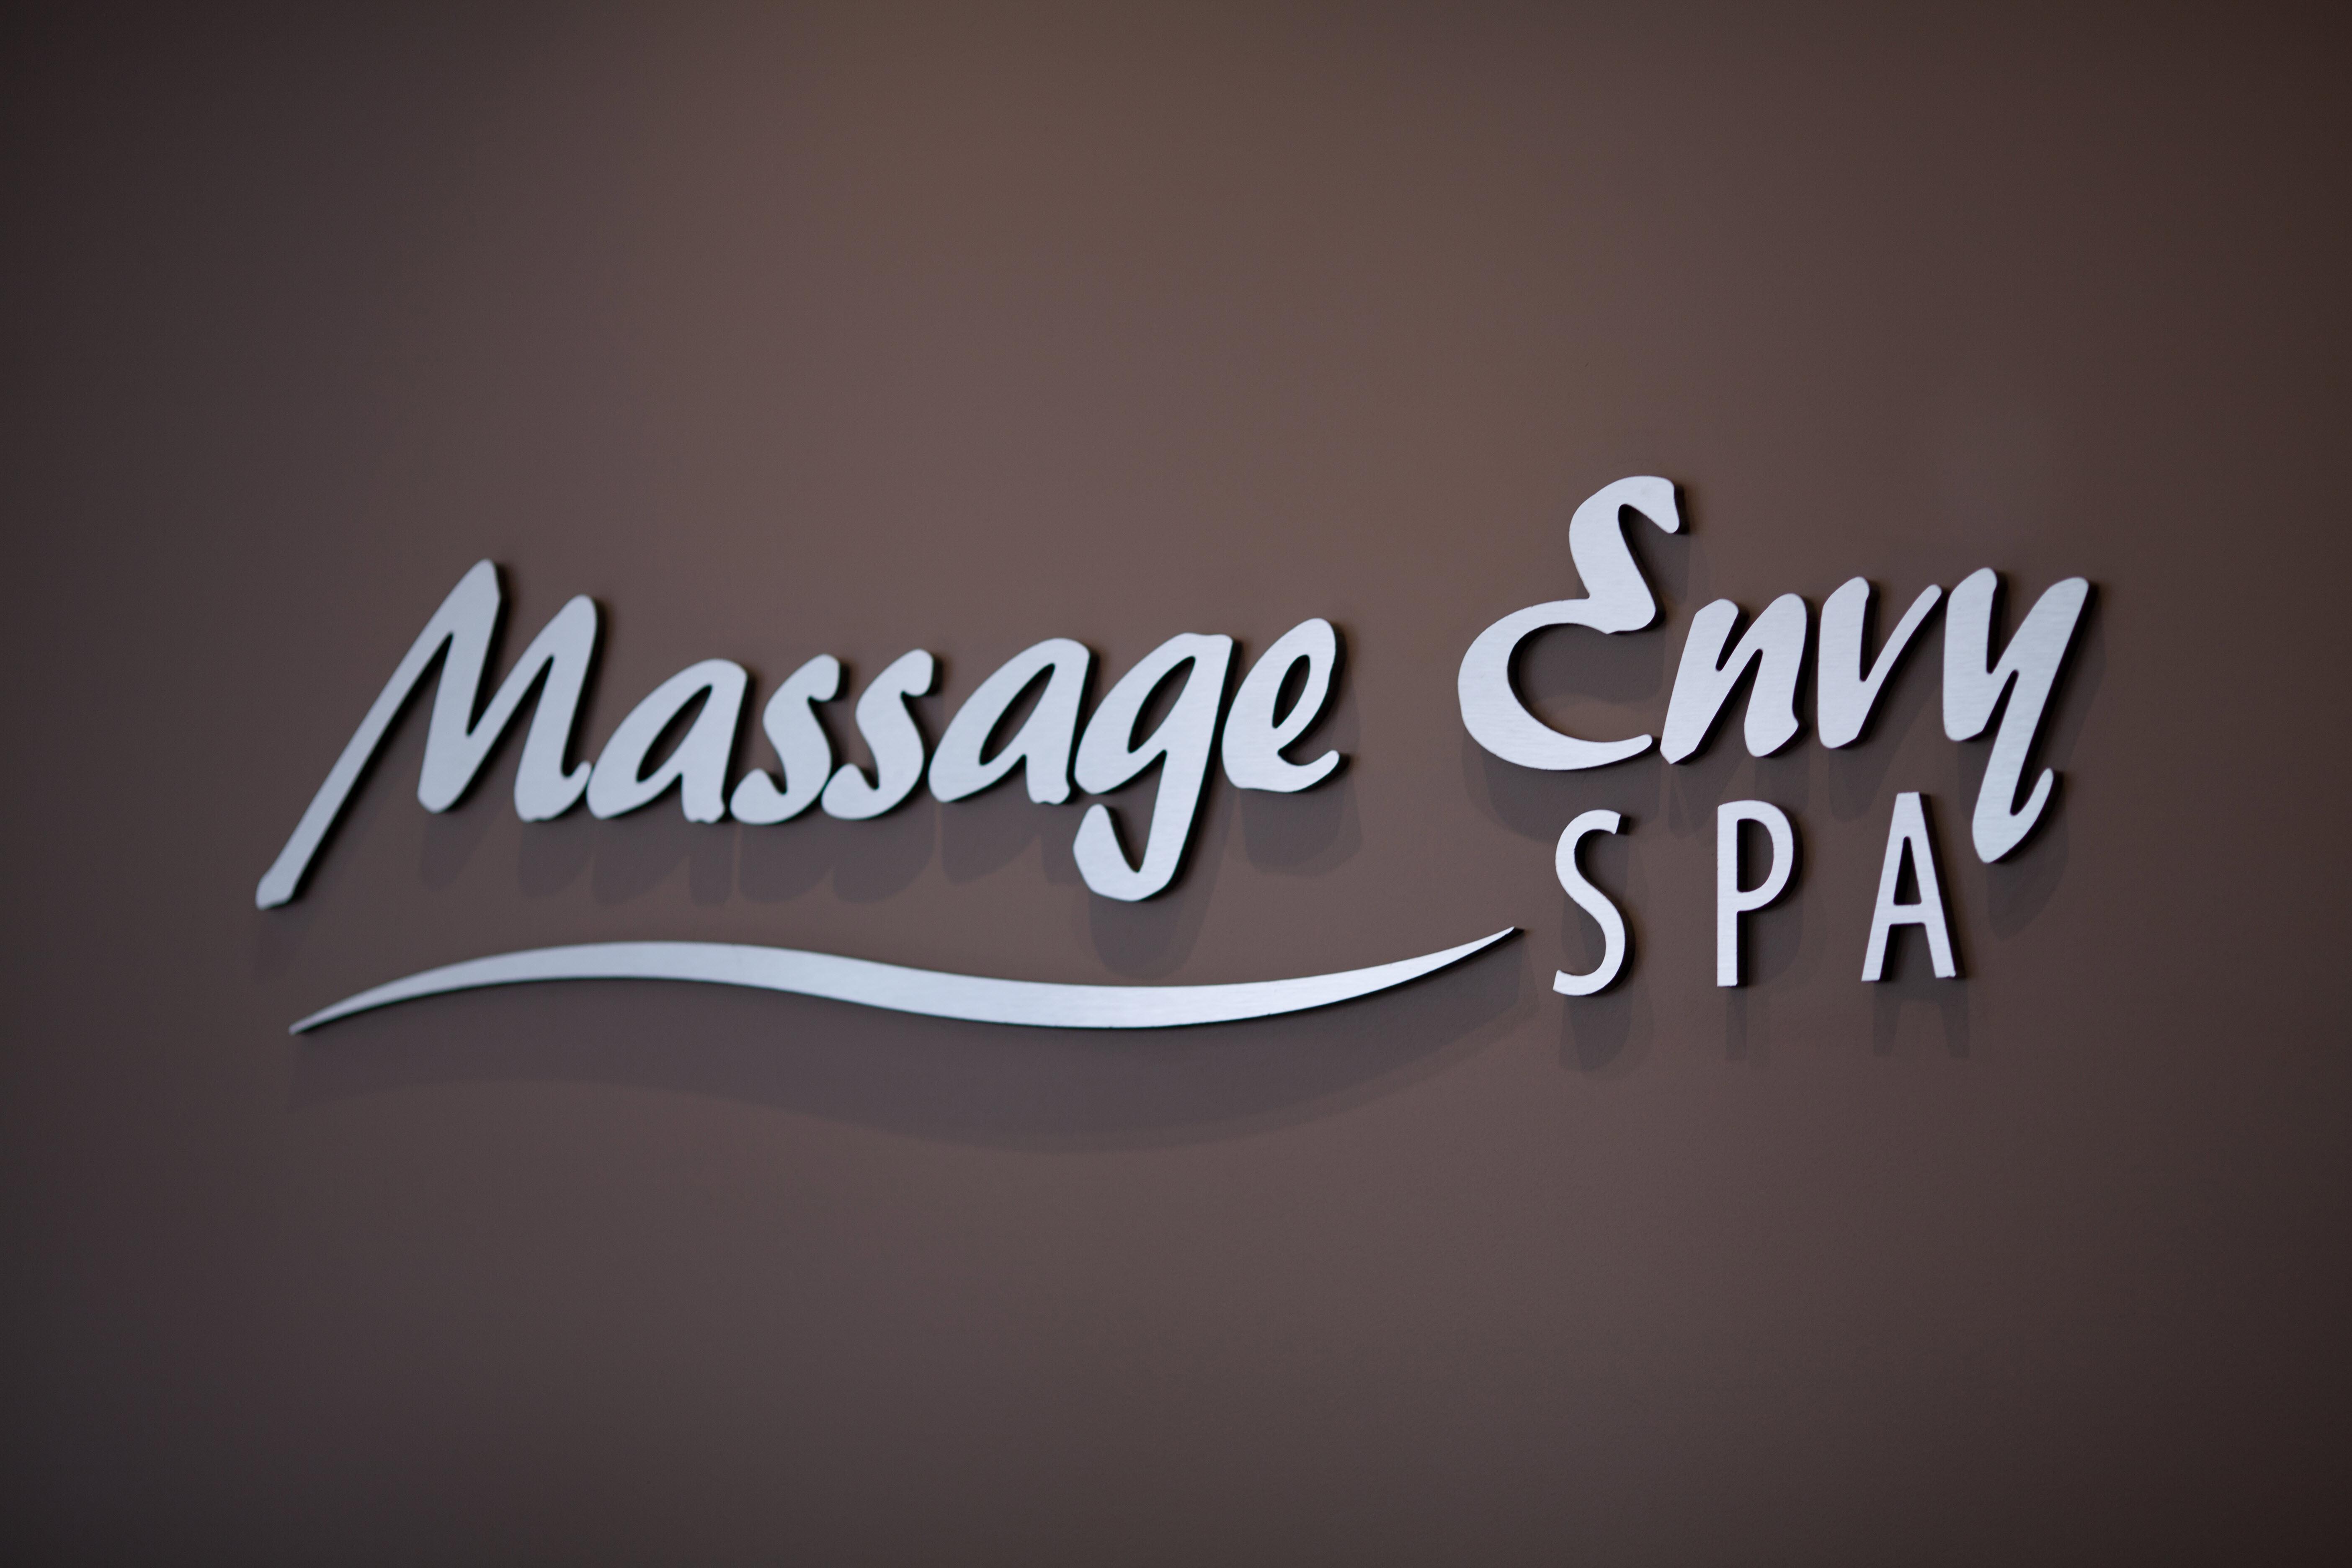 Massage Envy Spa - Simi Valley